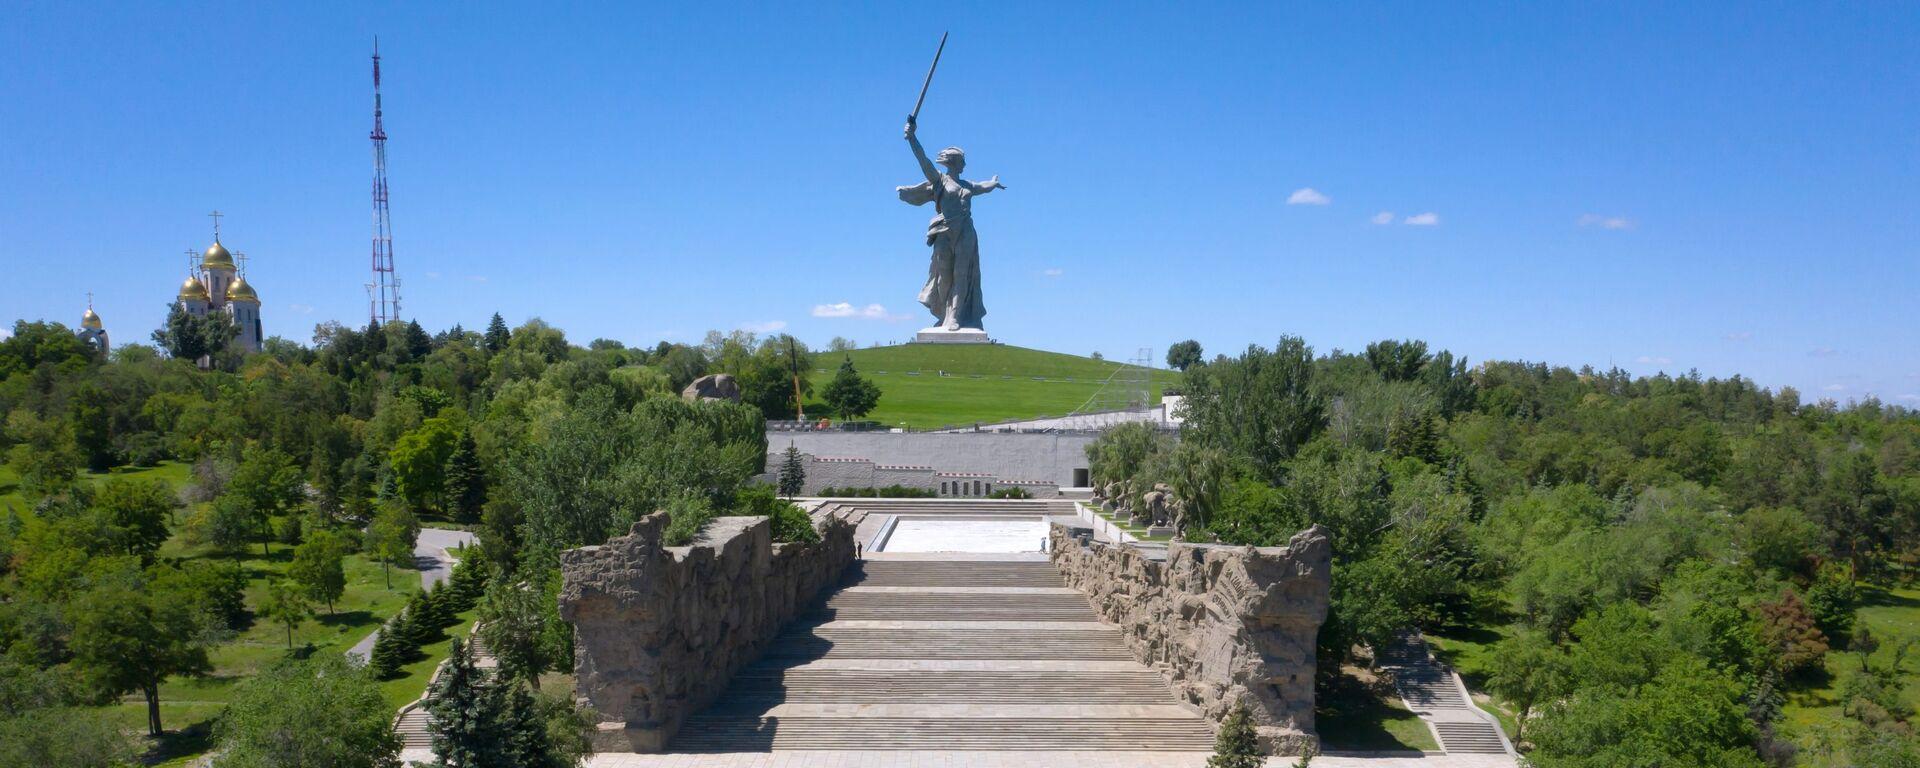 Монумент Родина-мать зовет! на Мамаевом кургане в Волгограде после реставрации - Sputnik Latvija, 1920, 09.05.2021